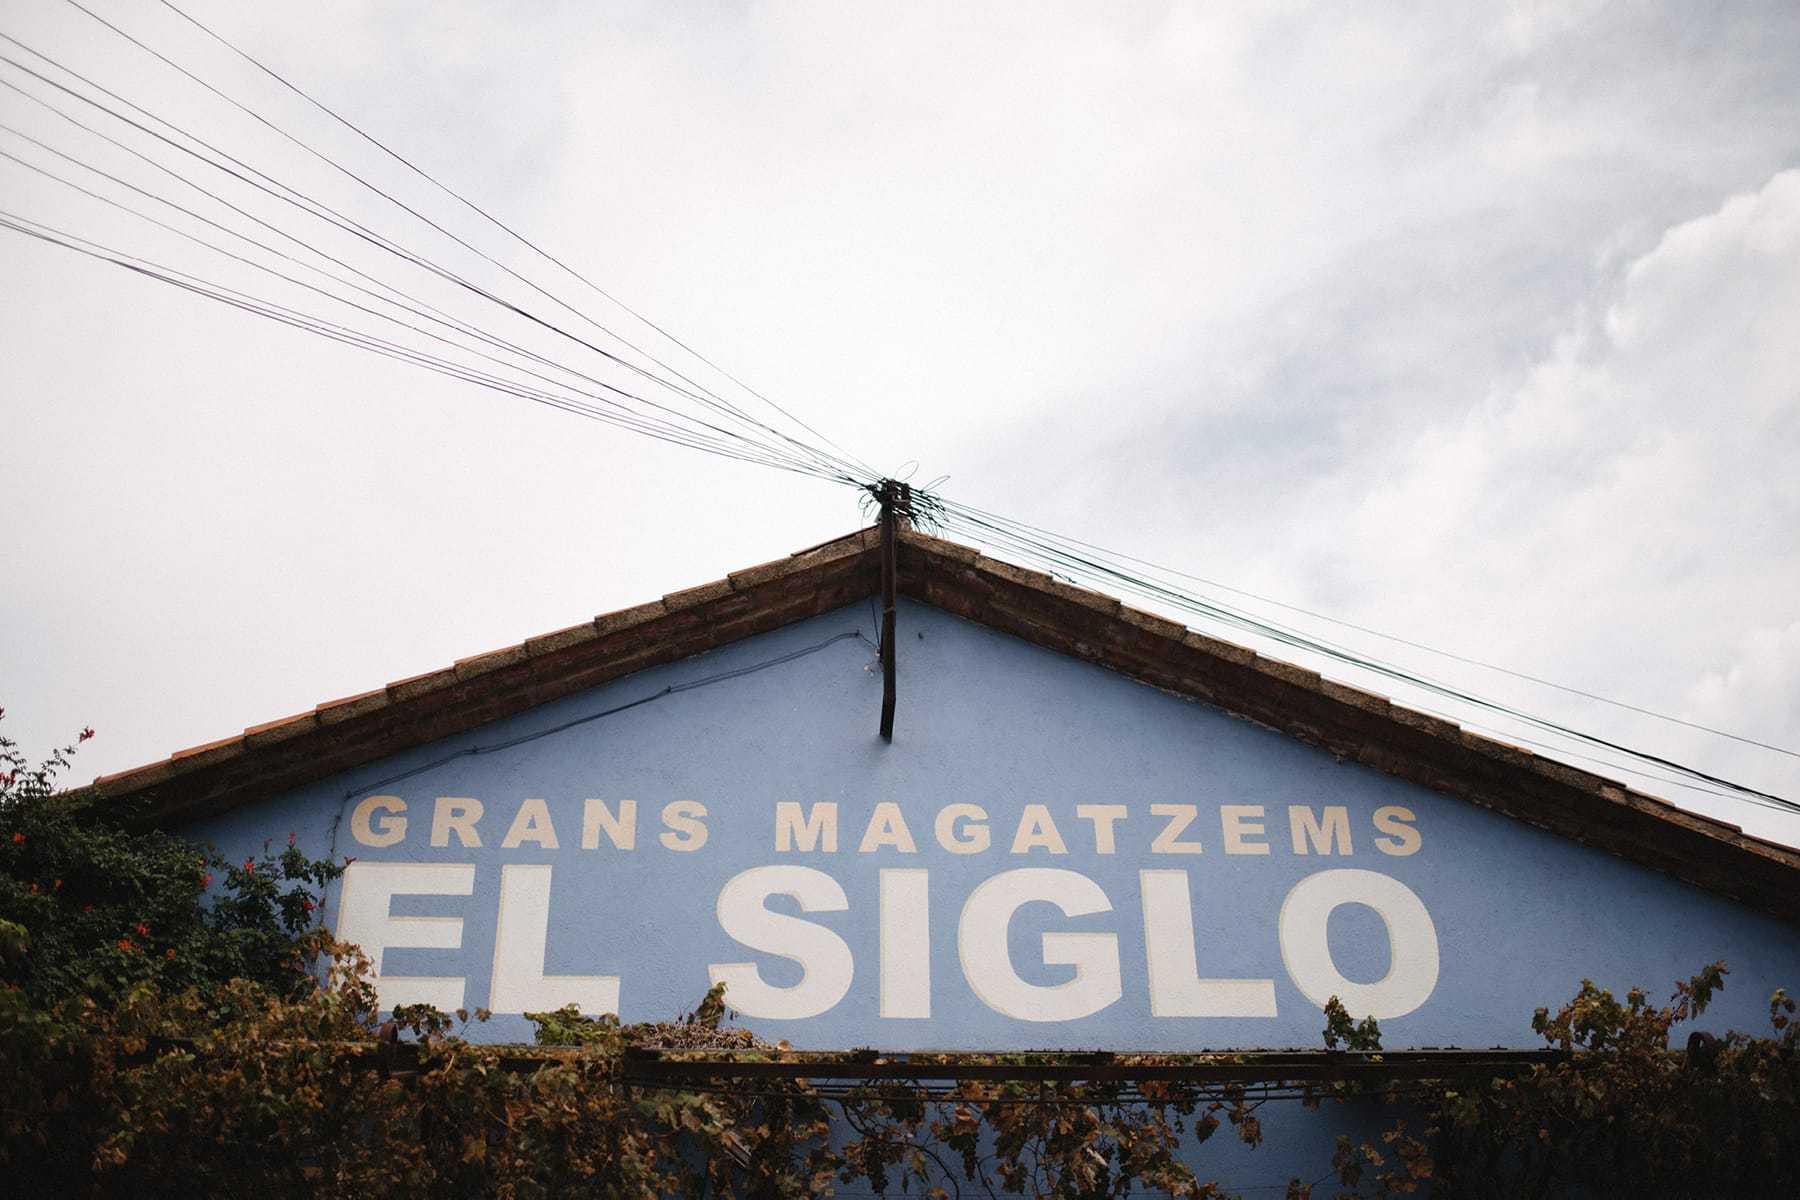 el_siglo_mercantic_sant_cugat_hilario_sanchez_boda_mercado_antiguedades_032